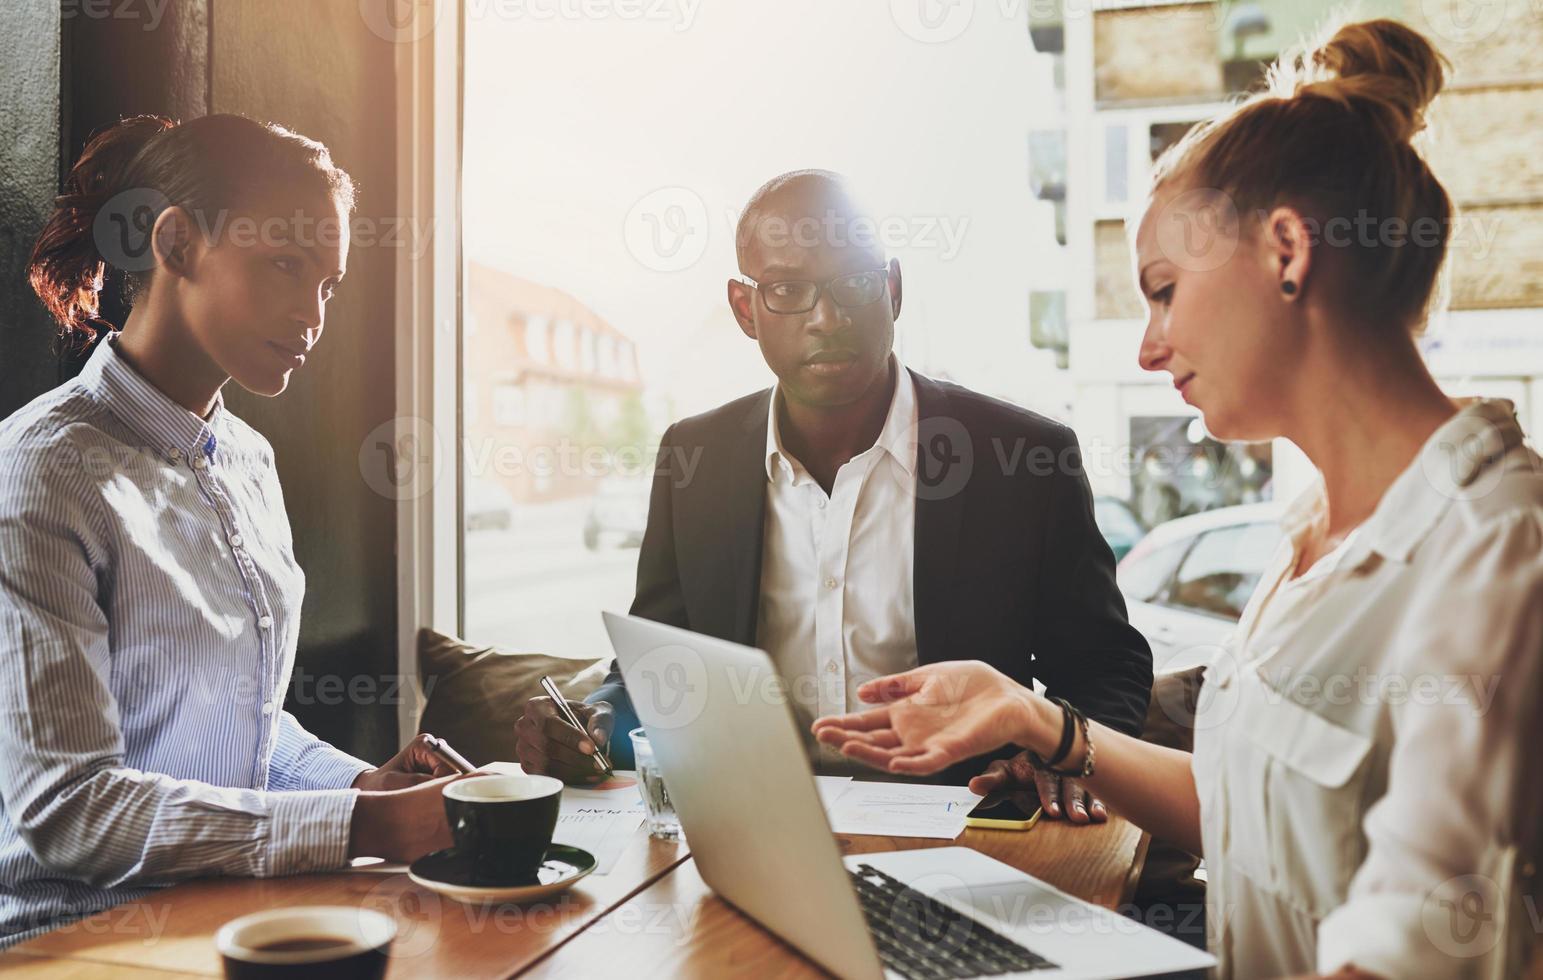 gruppo di multietnici uomini d'affari nel corso di una riunione foto